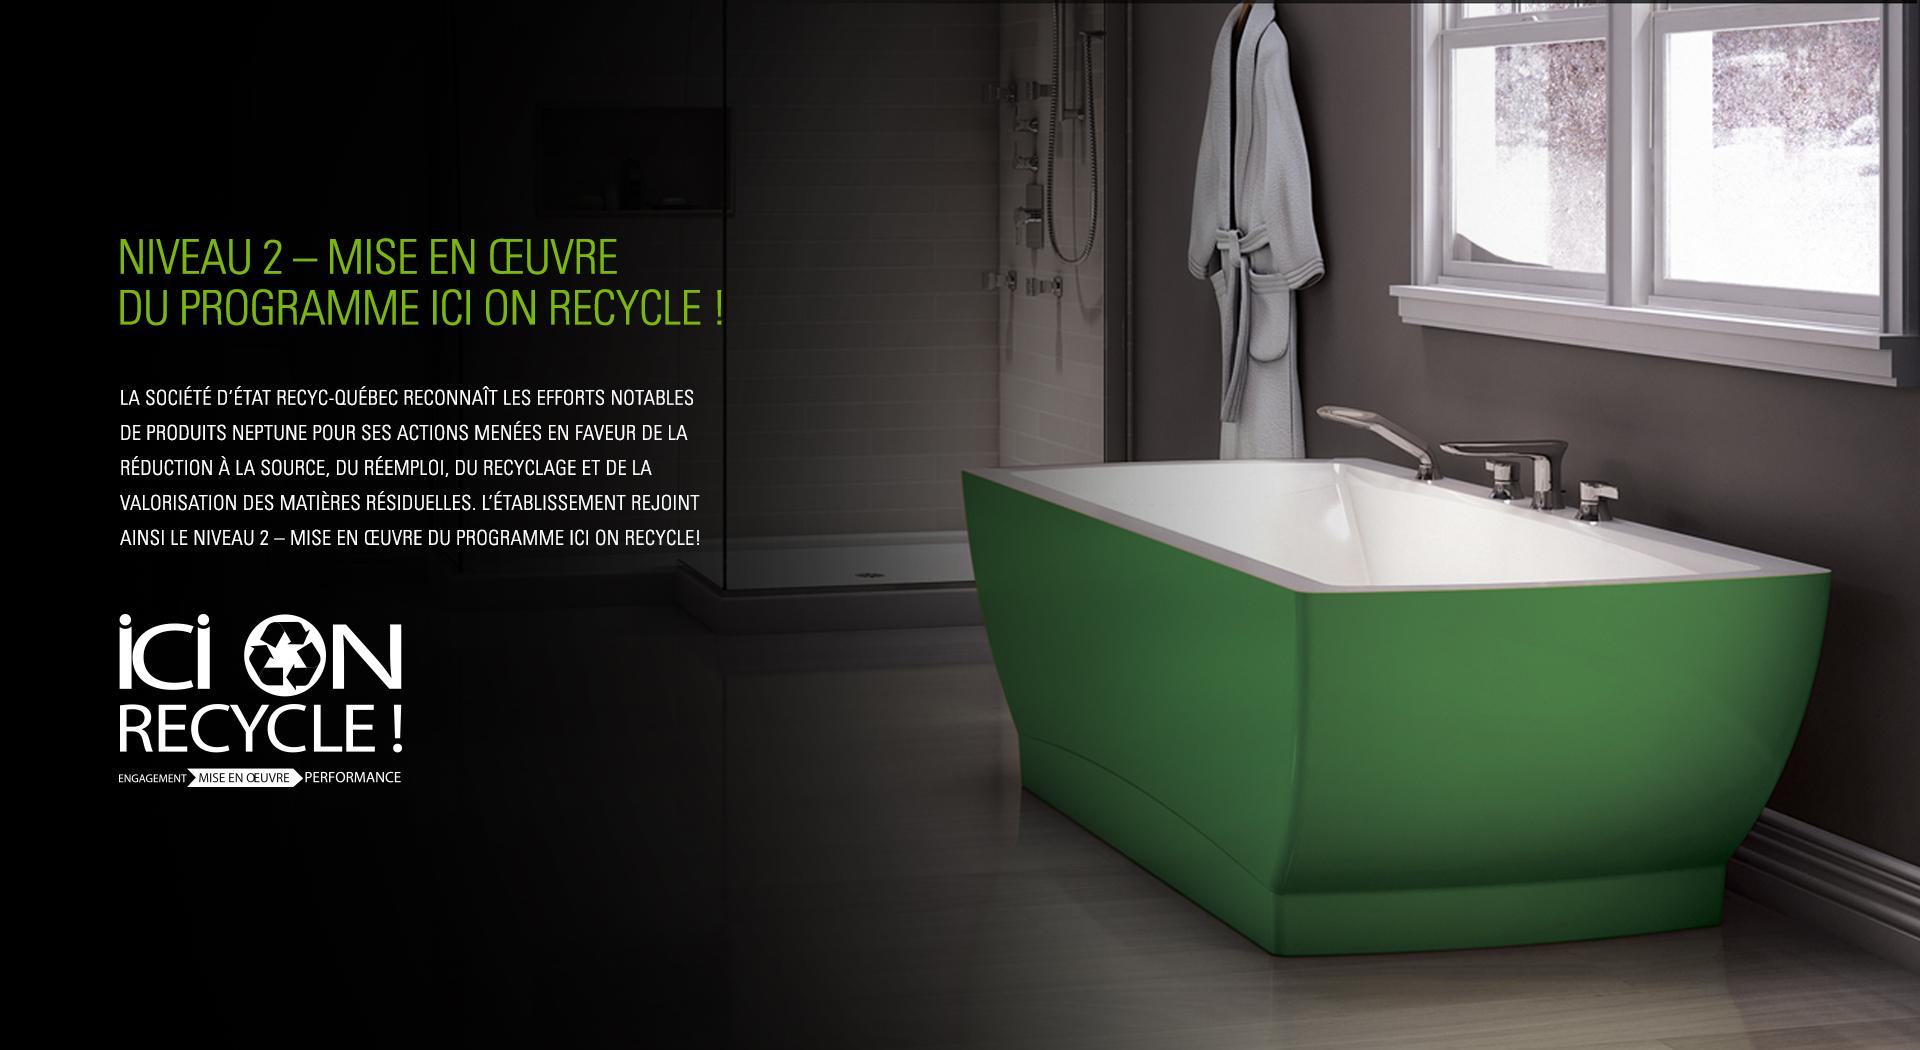 Salle de bain  Douche, bain et accessoires  Produits Neptune